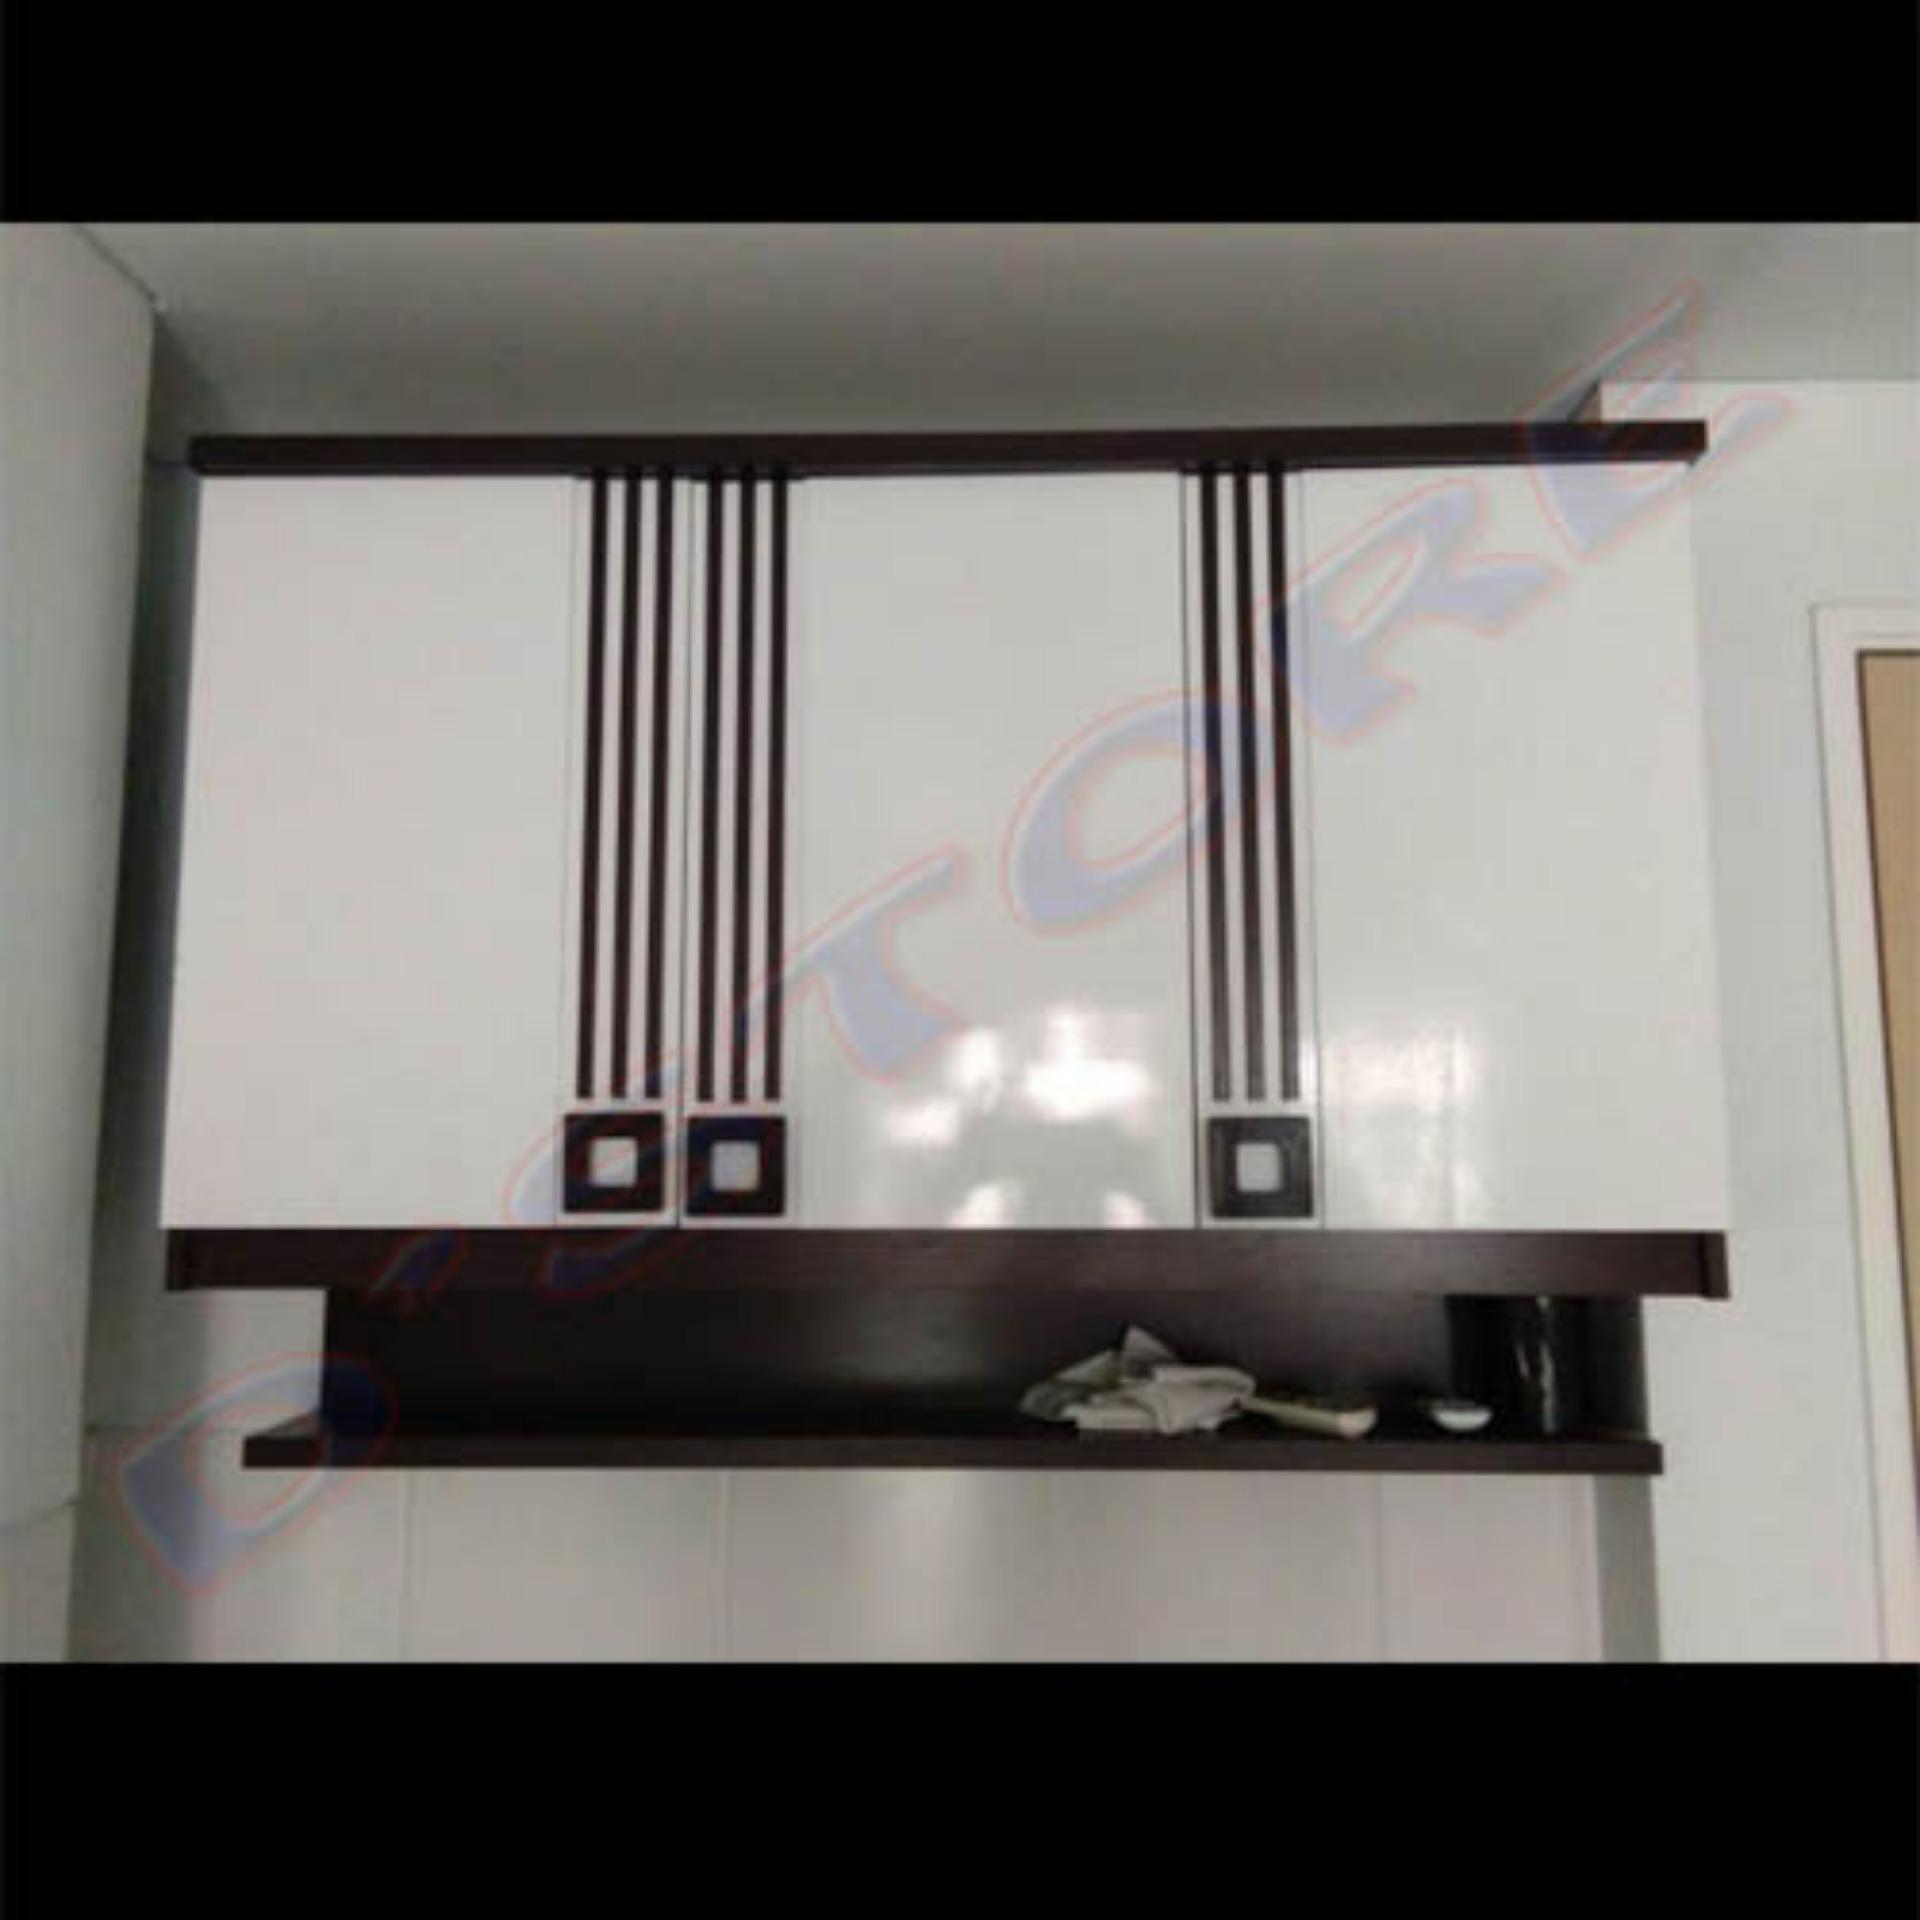 Kelebihan Lemari Gantung Kitchenset 5 Pintu Free Ongkir Dapur